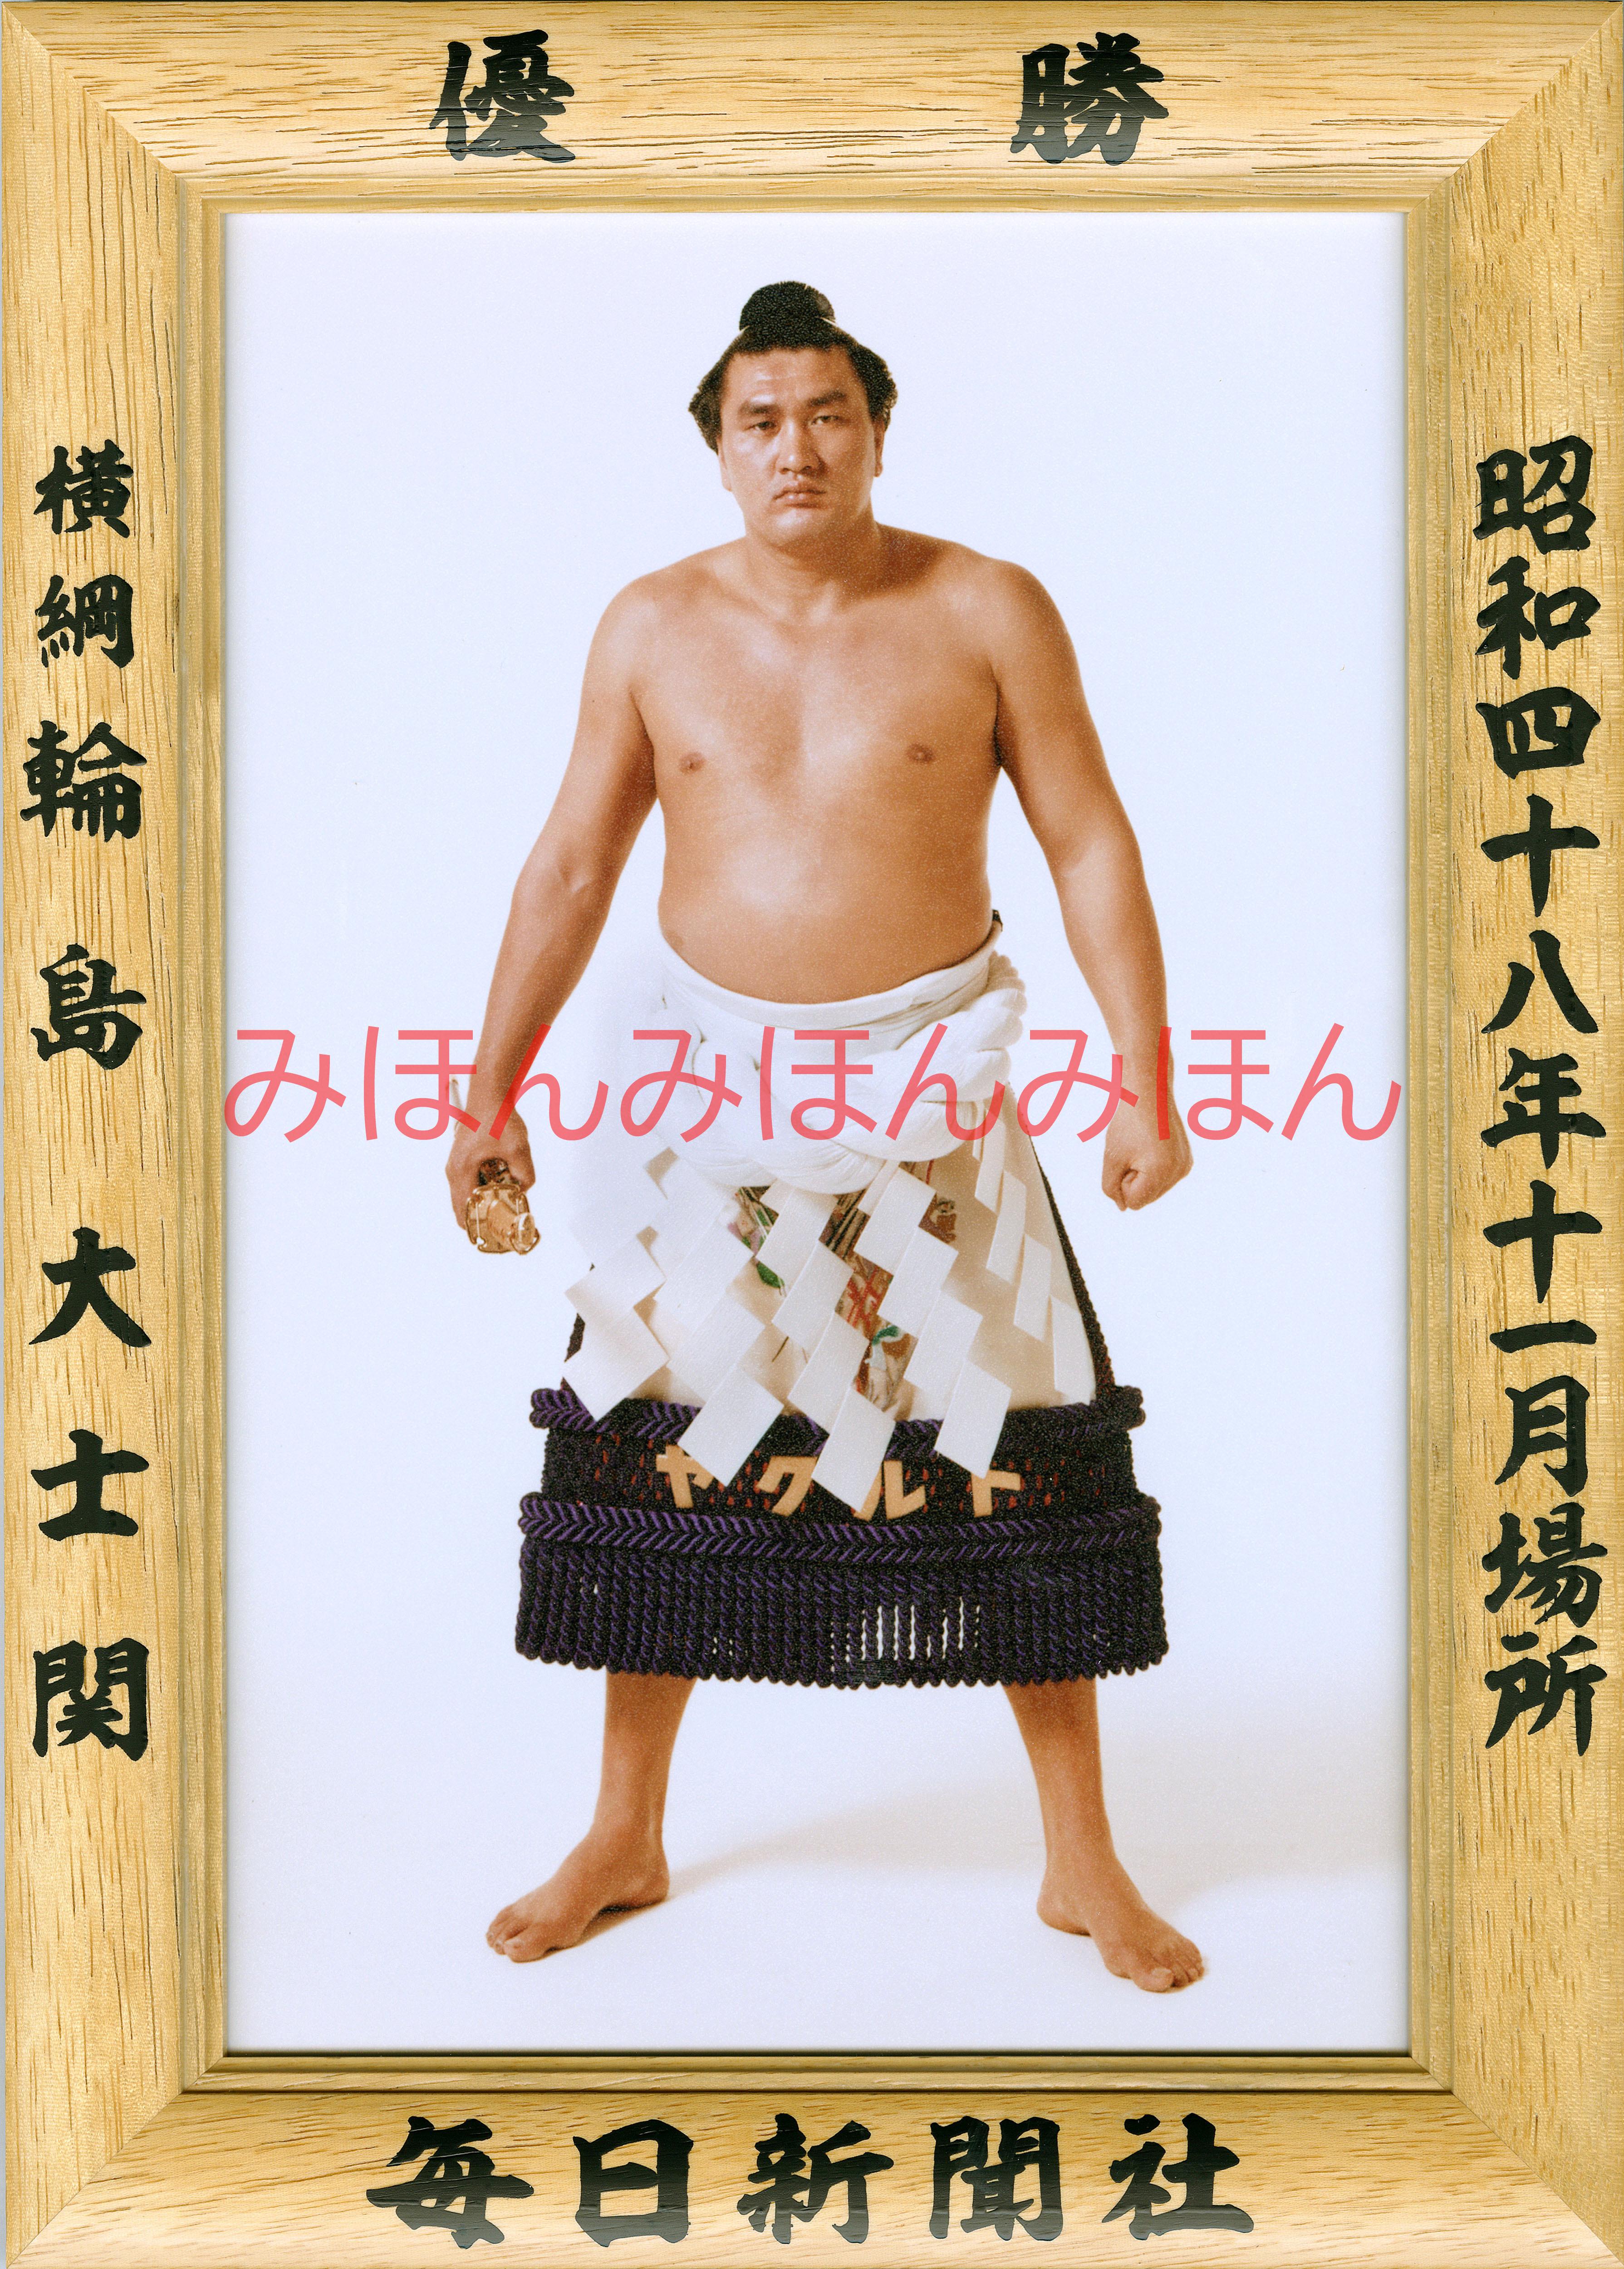 昭和48年11月場所優勝 横綱 輪島大士関(4回目の優勝)